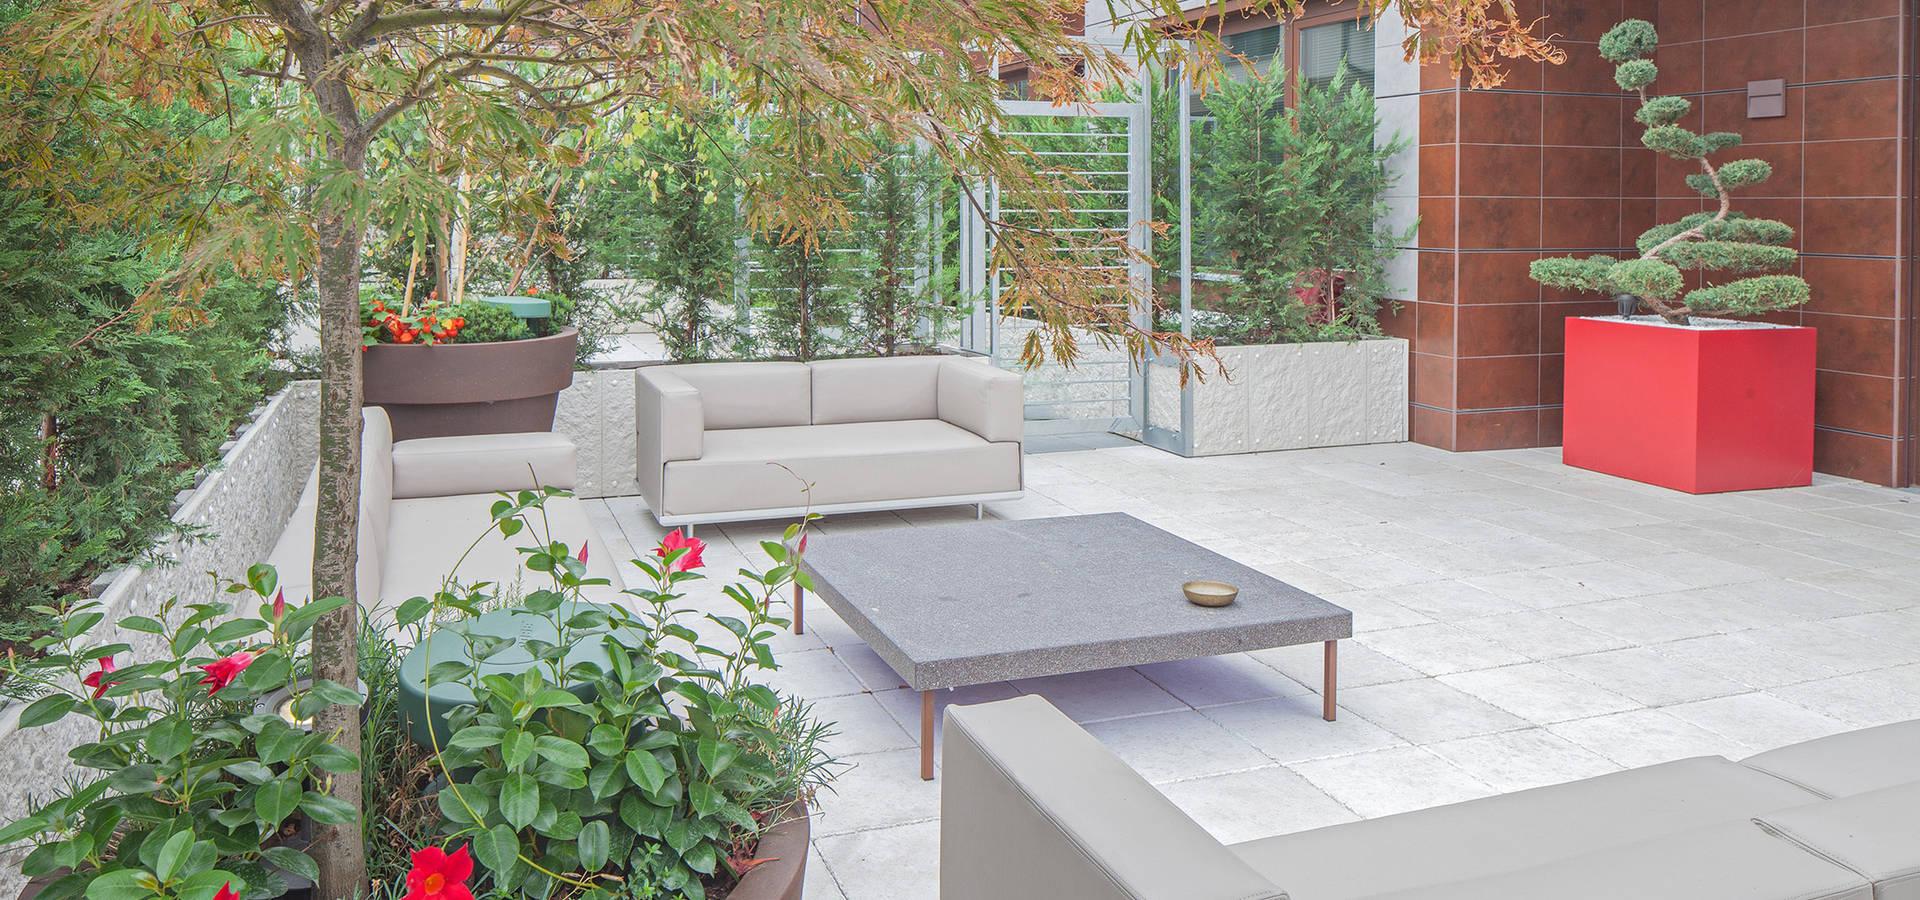 Silvia delpiano studio e progettazione giardini - Idee progettazione giardino ...